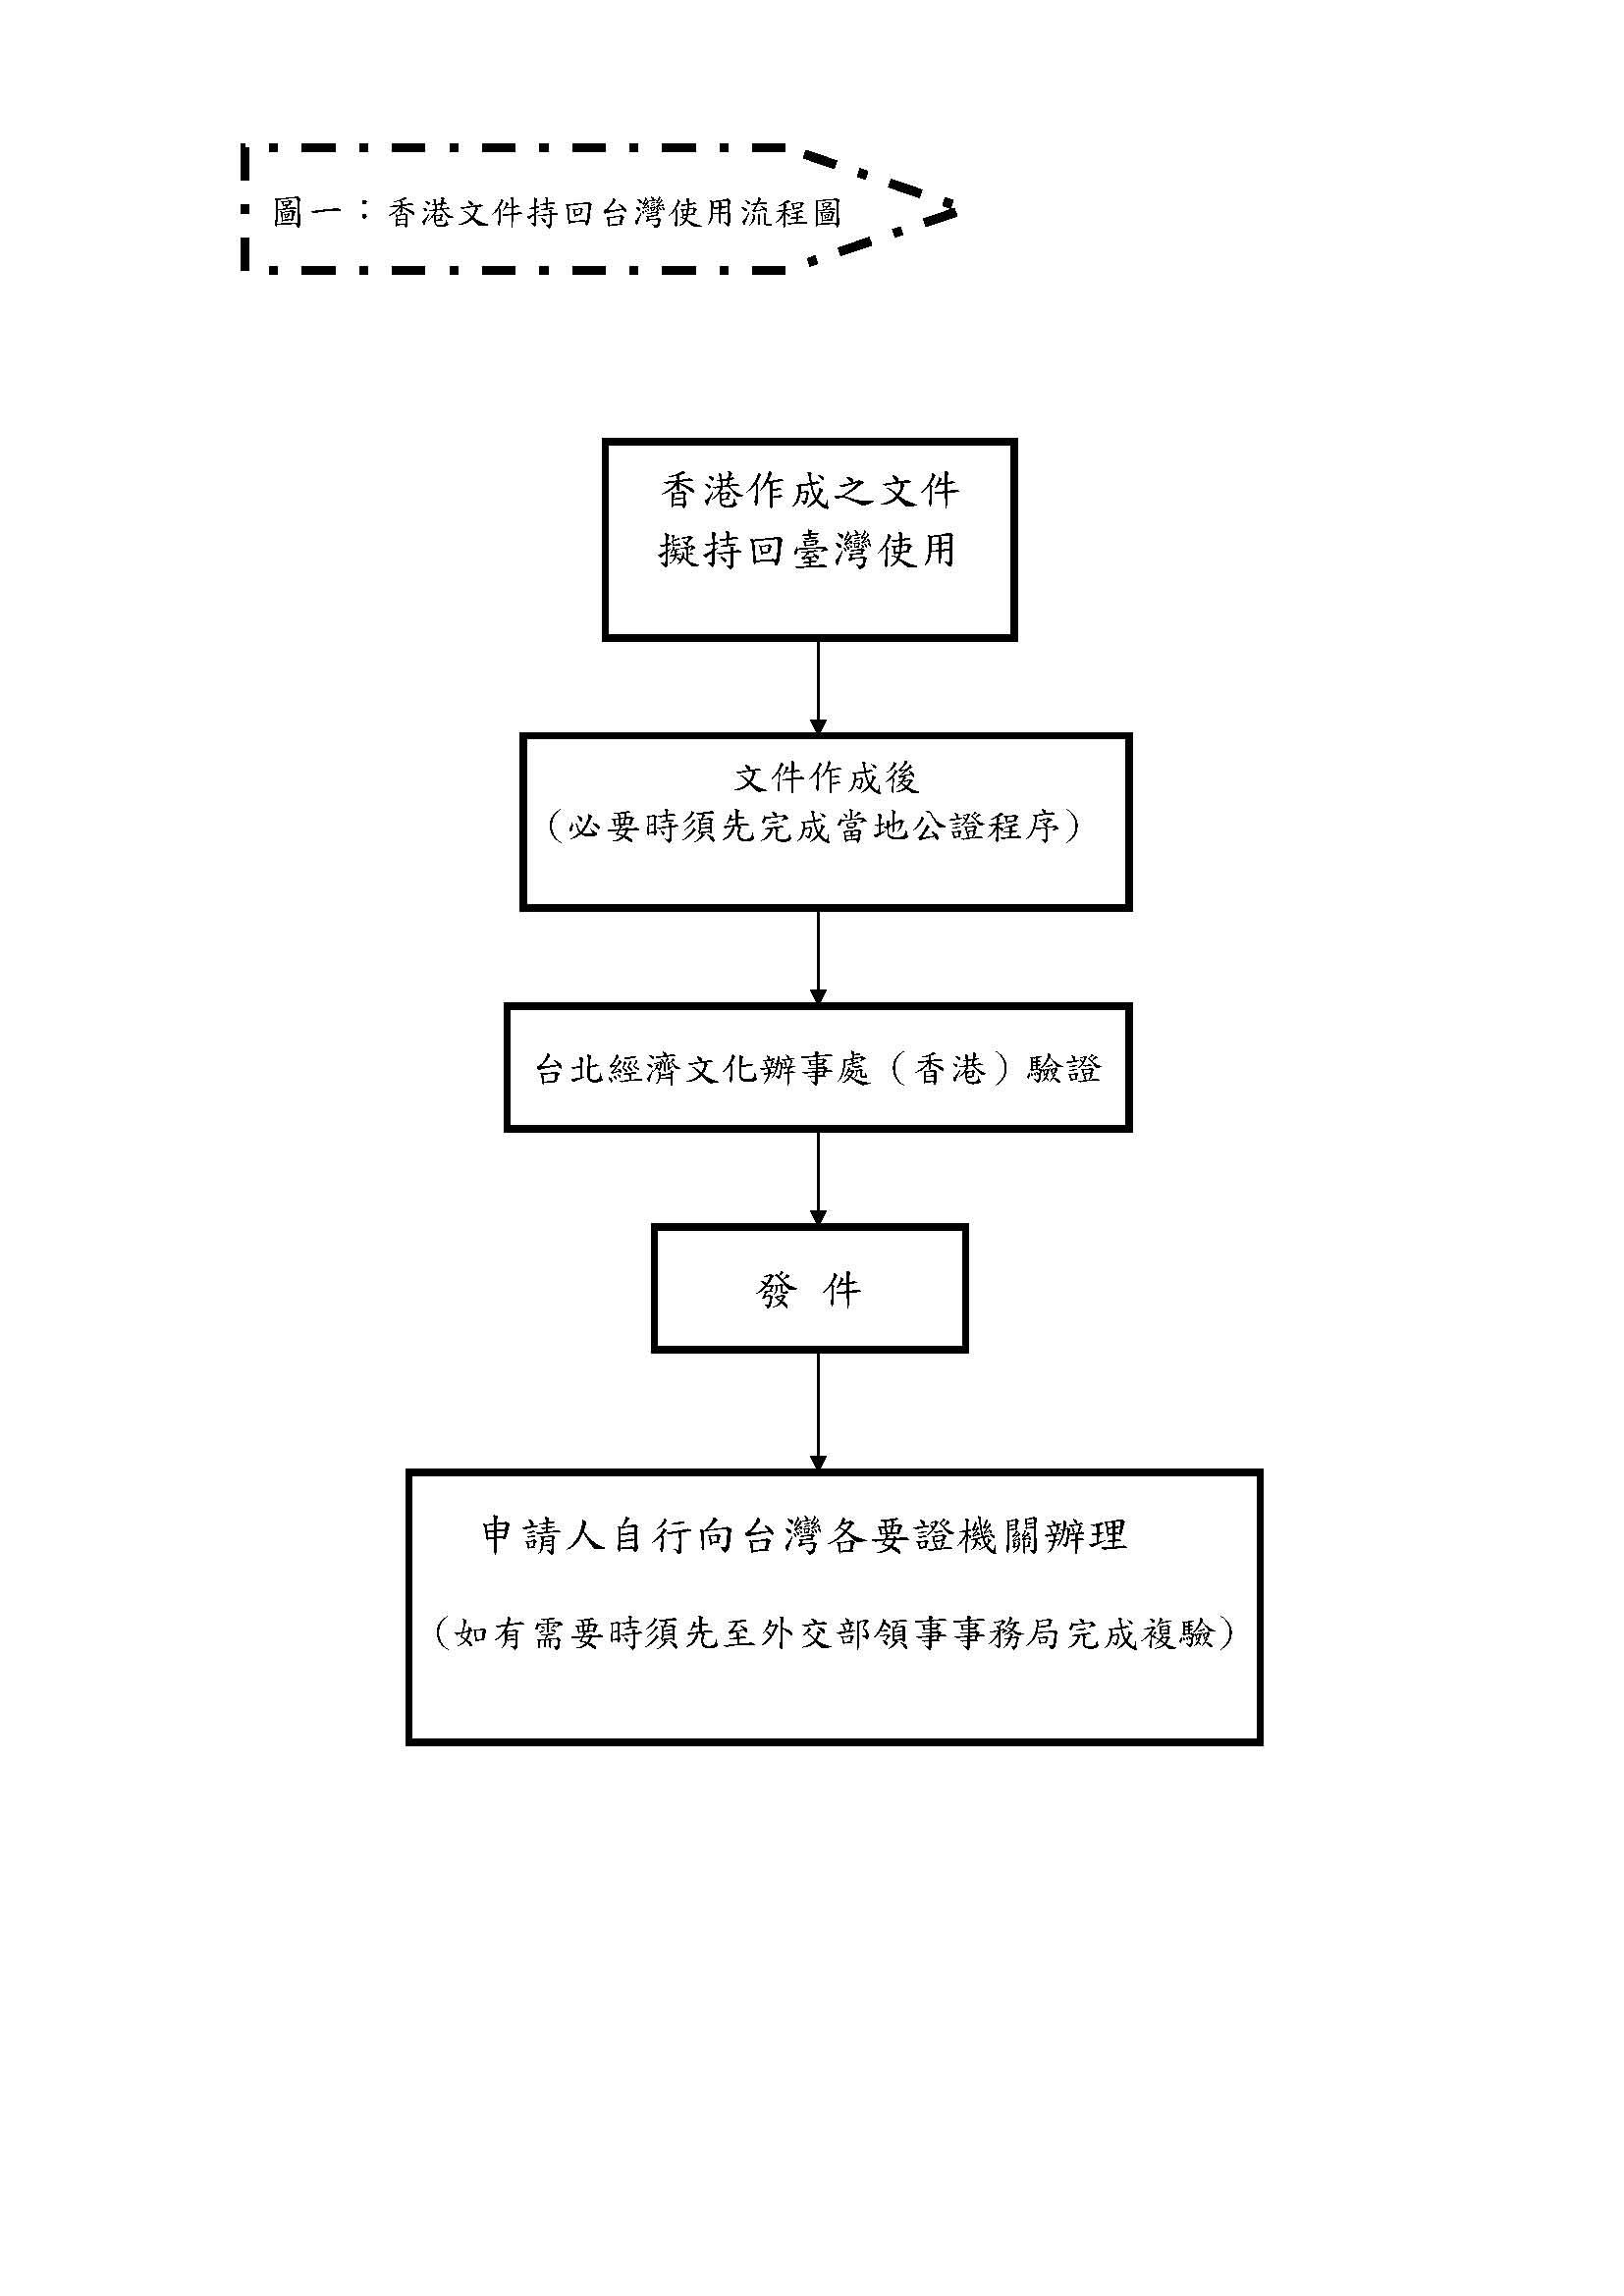 香港文件持回台灣使用證明流程圖